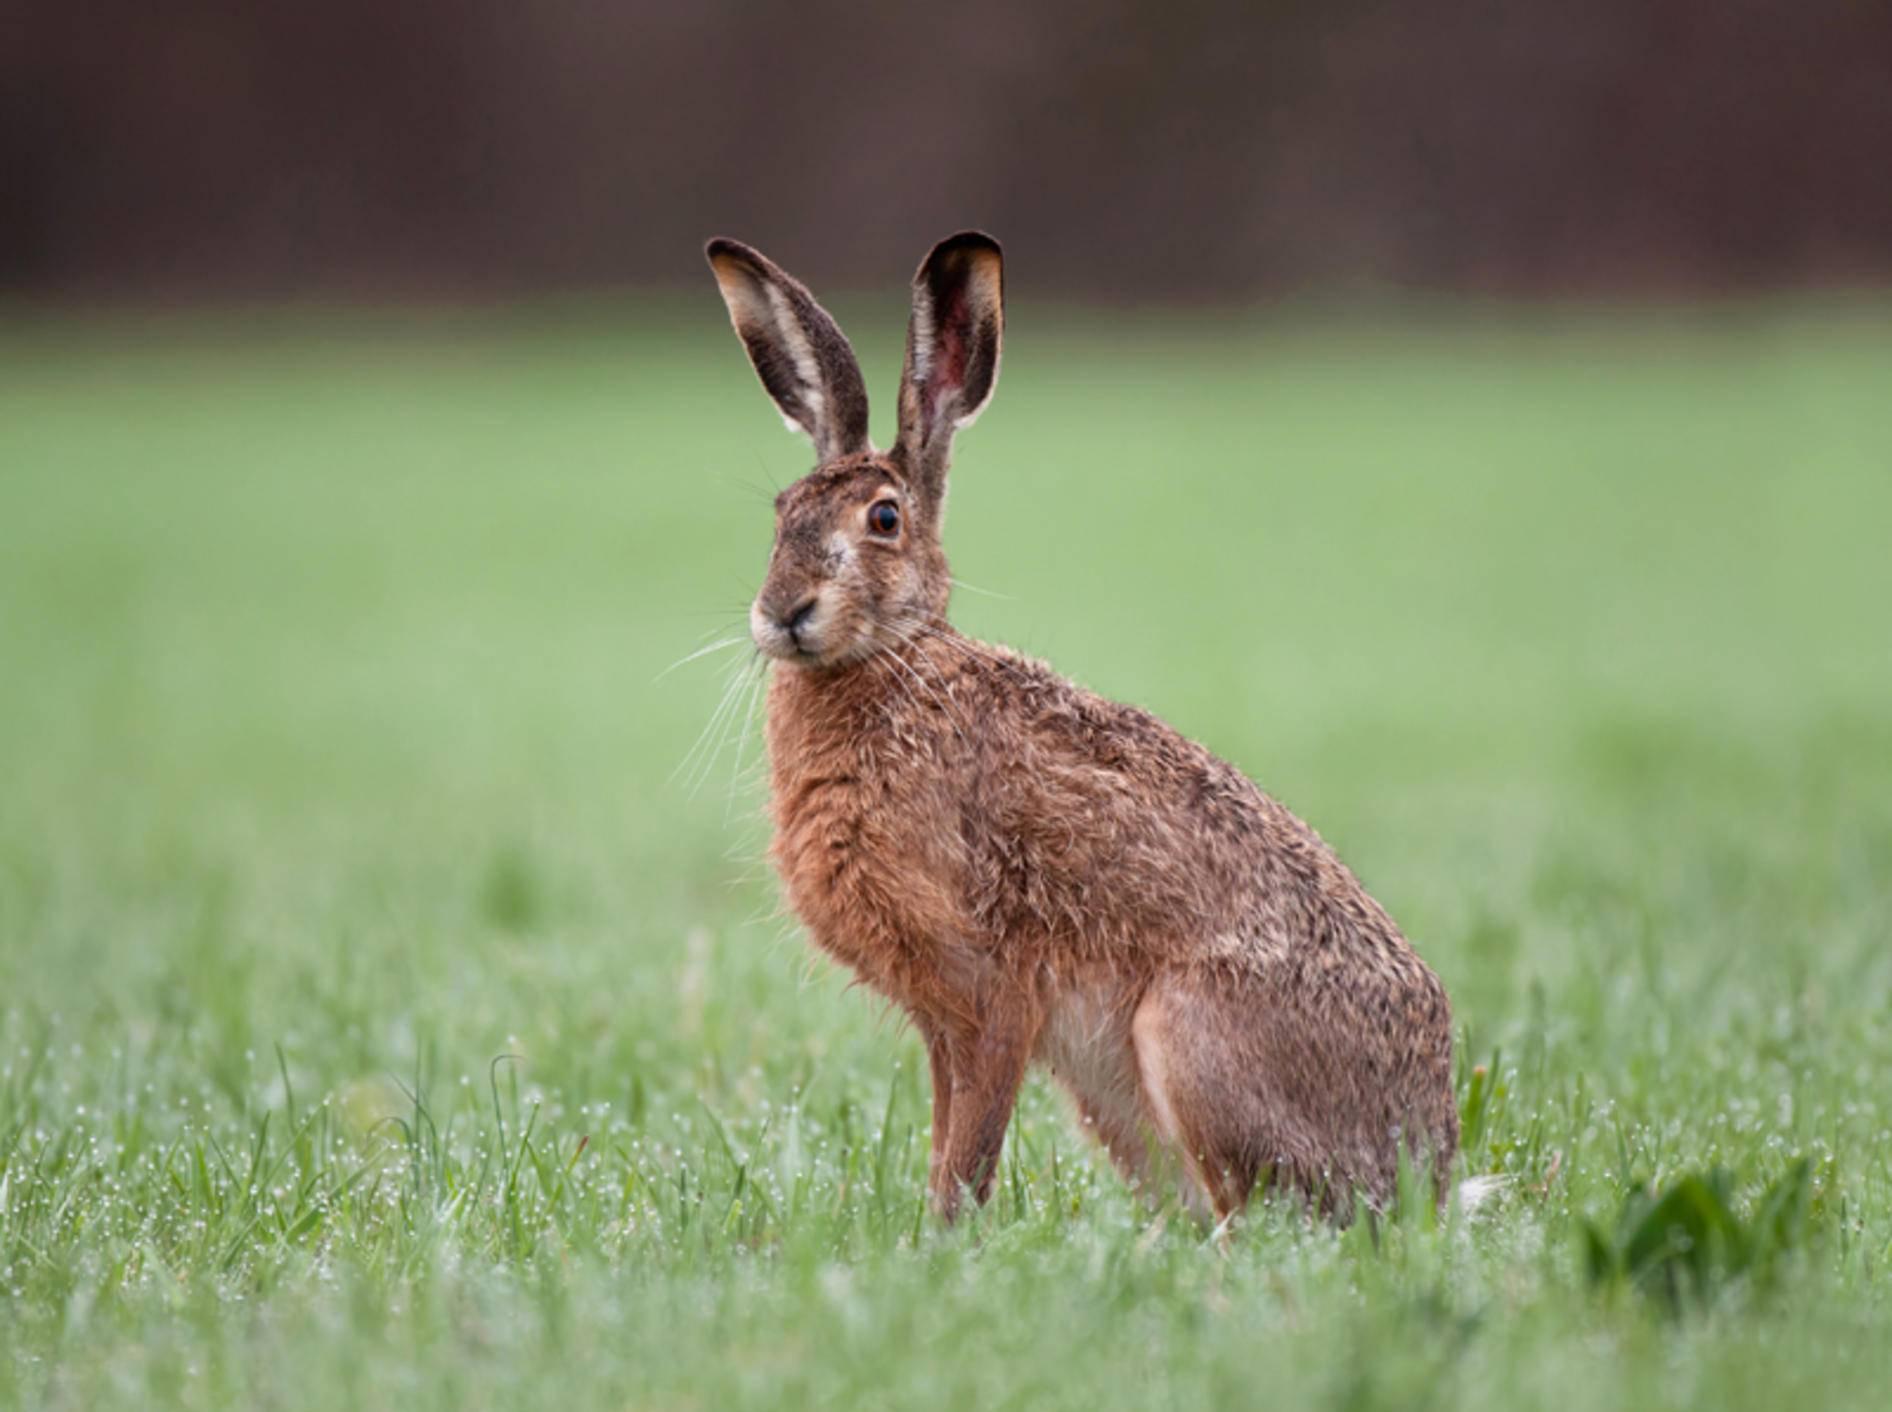 """""""Gestatten, mein Name ist Hase, auch bekannt als Meister Lampe"""", stellt sich dieser hübsche Feldhase vor – Shutterstock / Soru Epotok"""